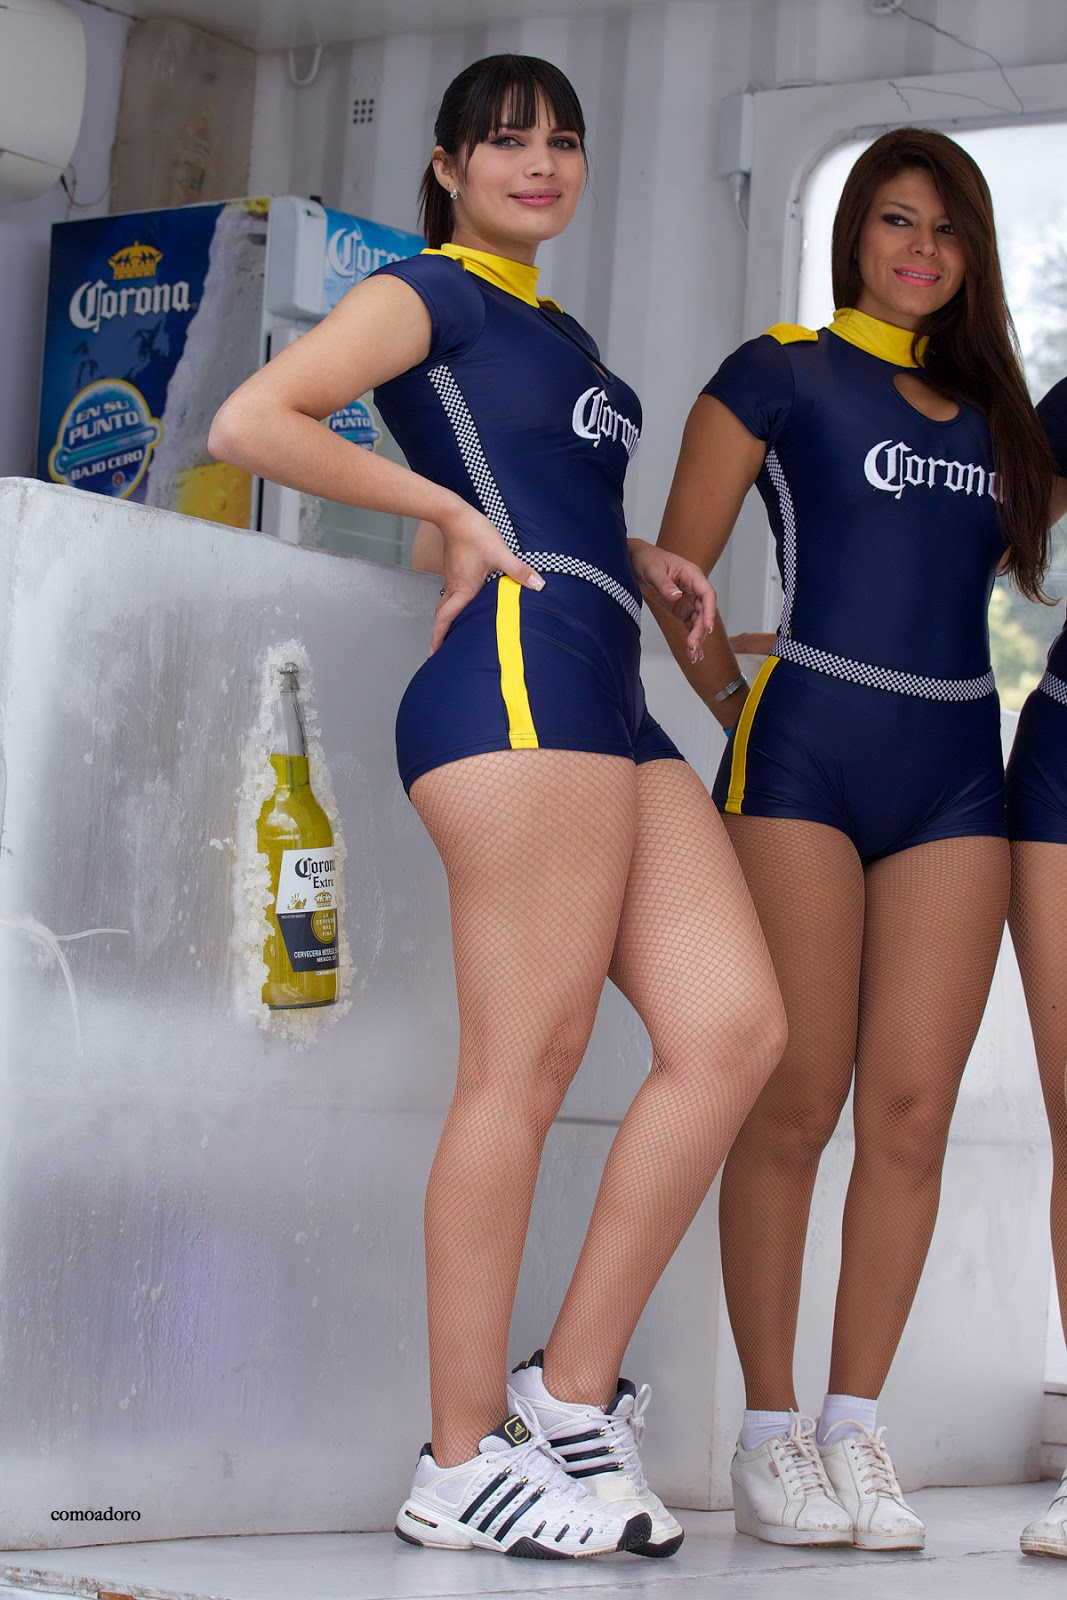 Hembras sexy en shorts de ciclismo ajustados